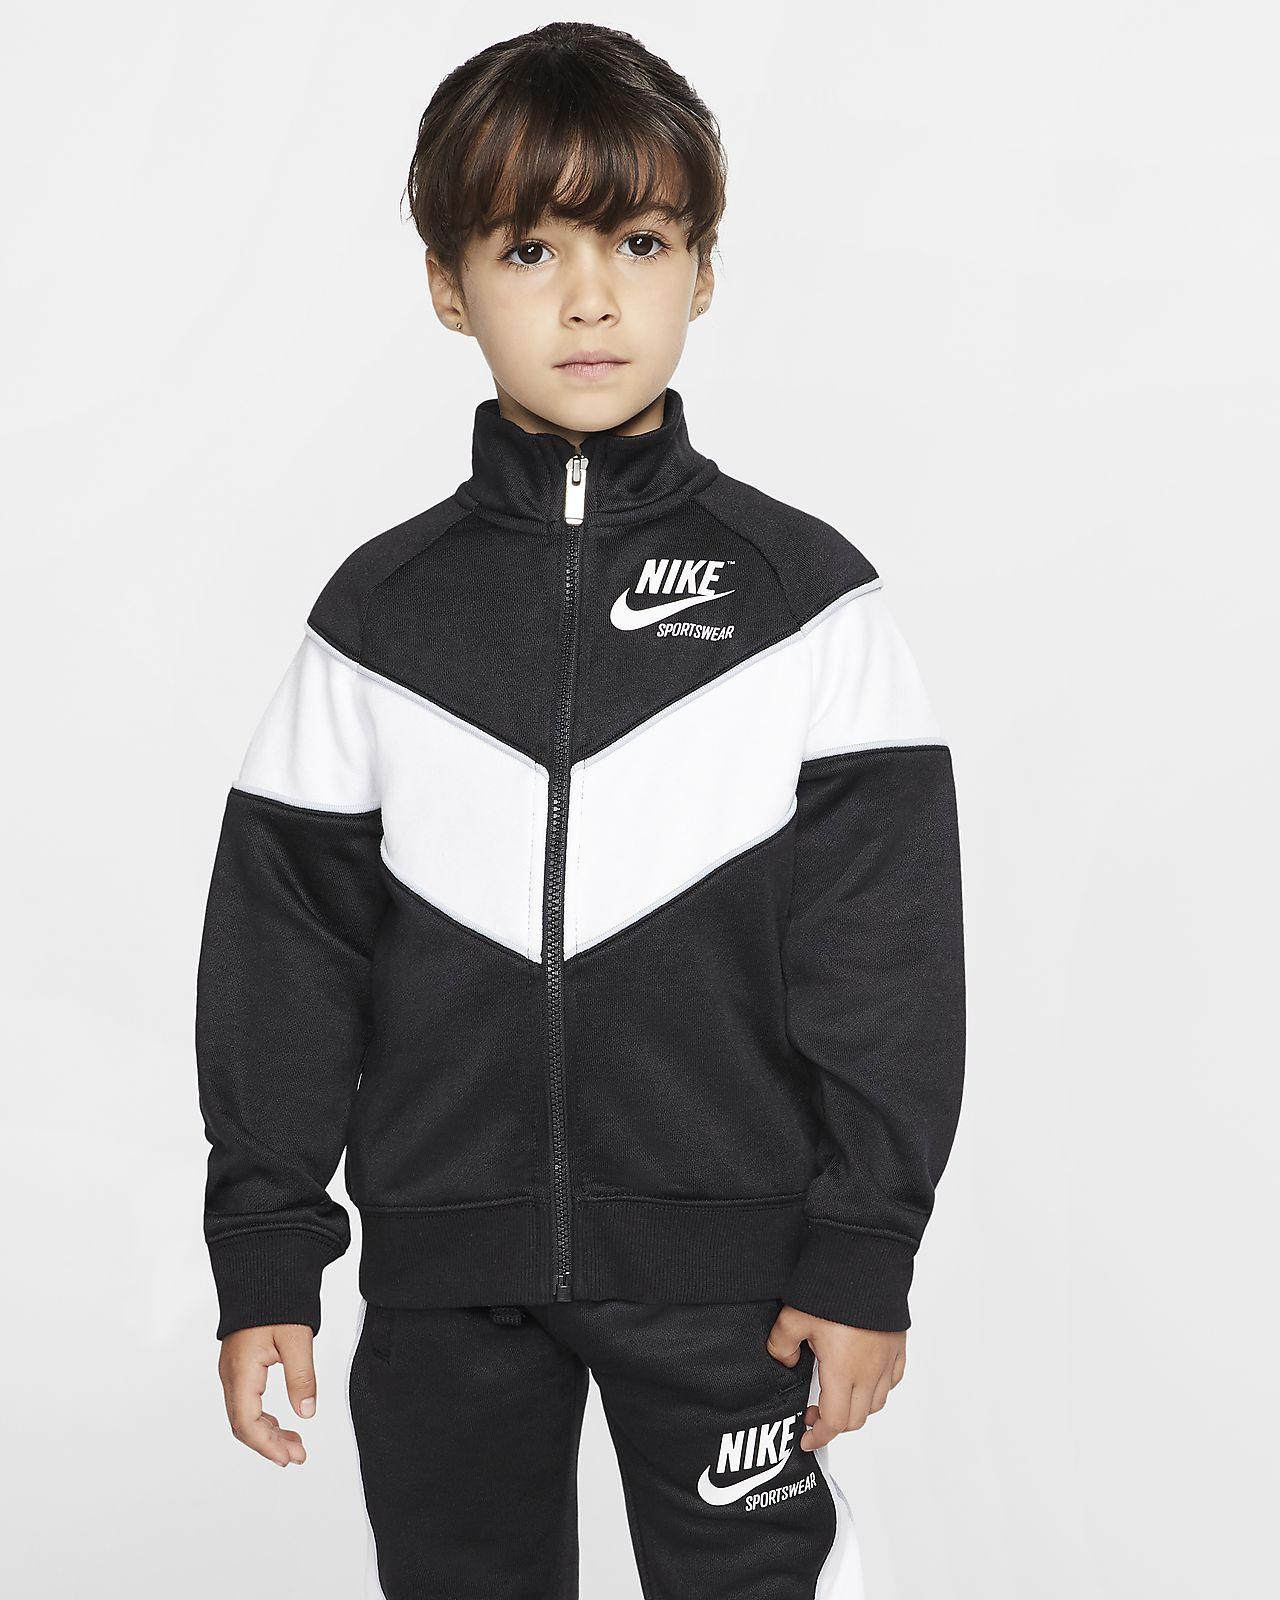 Nike Sportswear jakke med lynlås i fuld længde til små børn